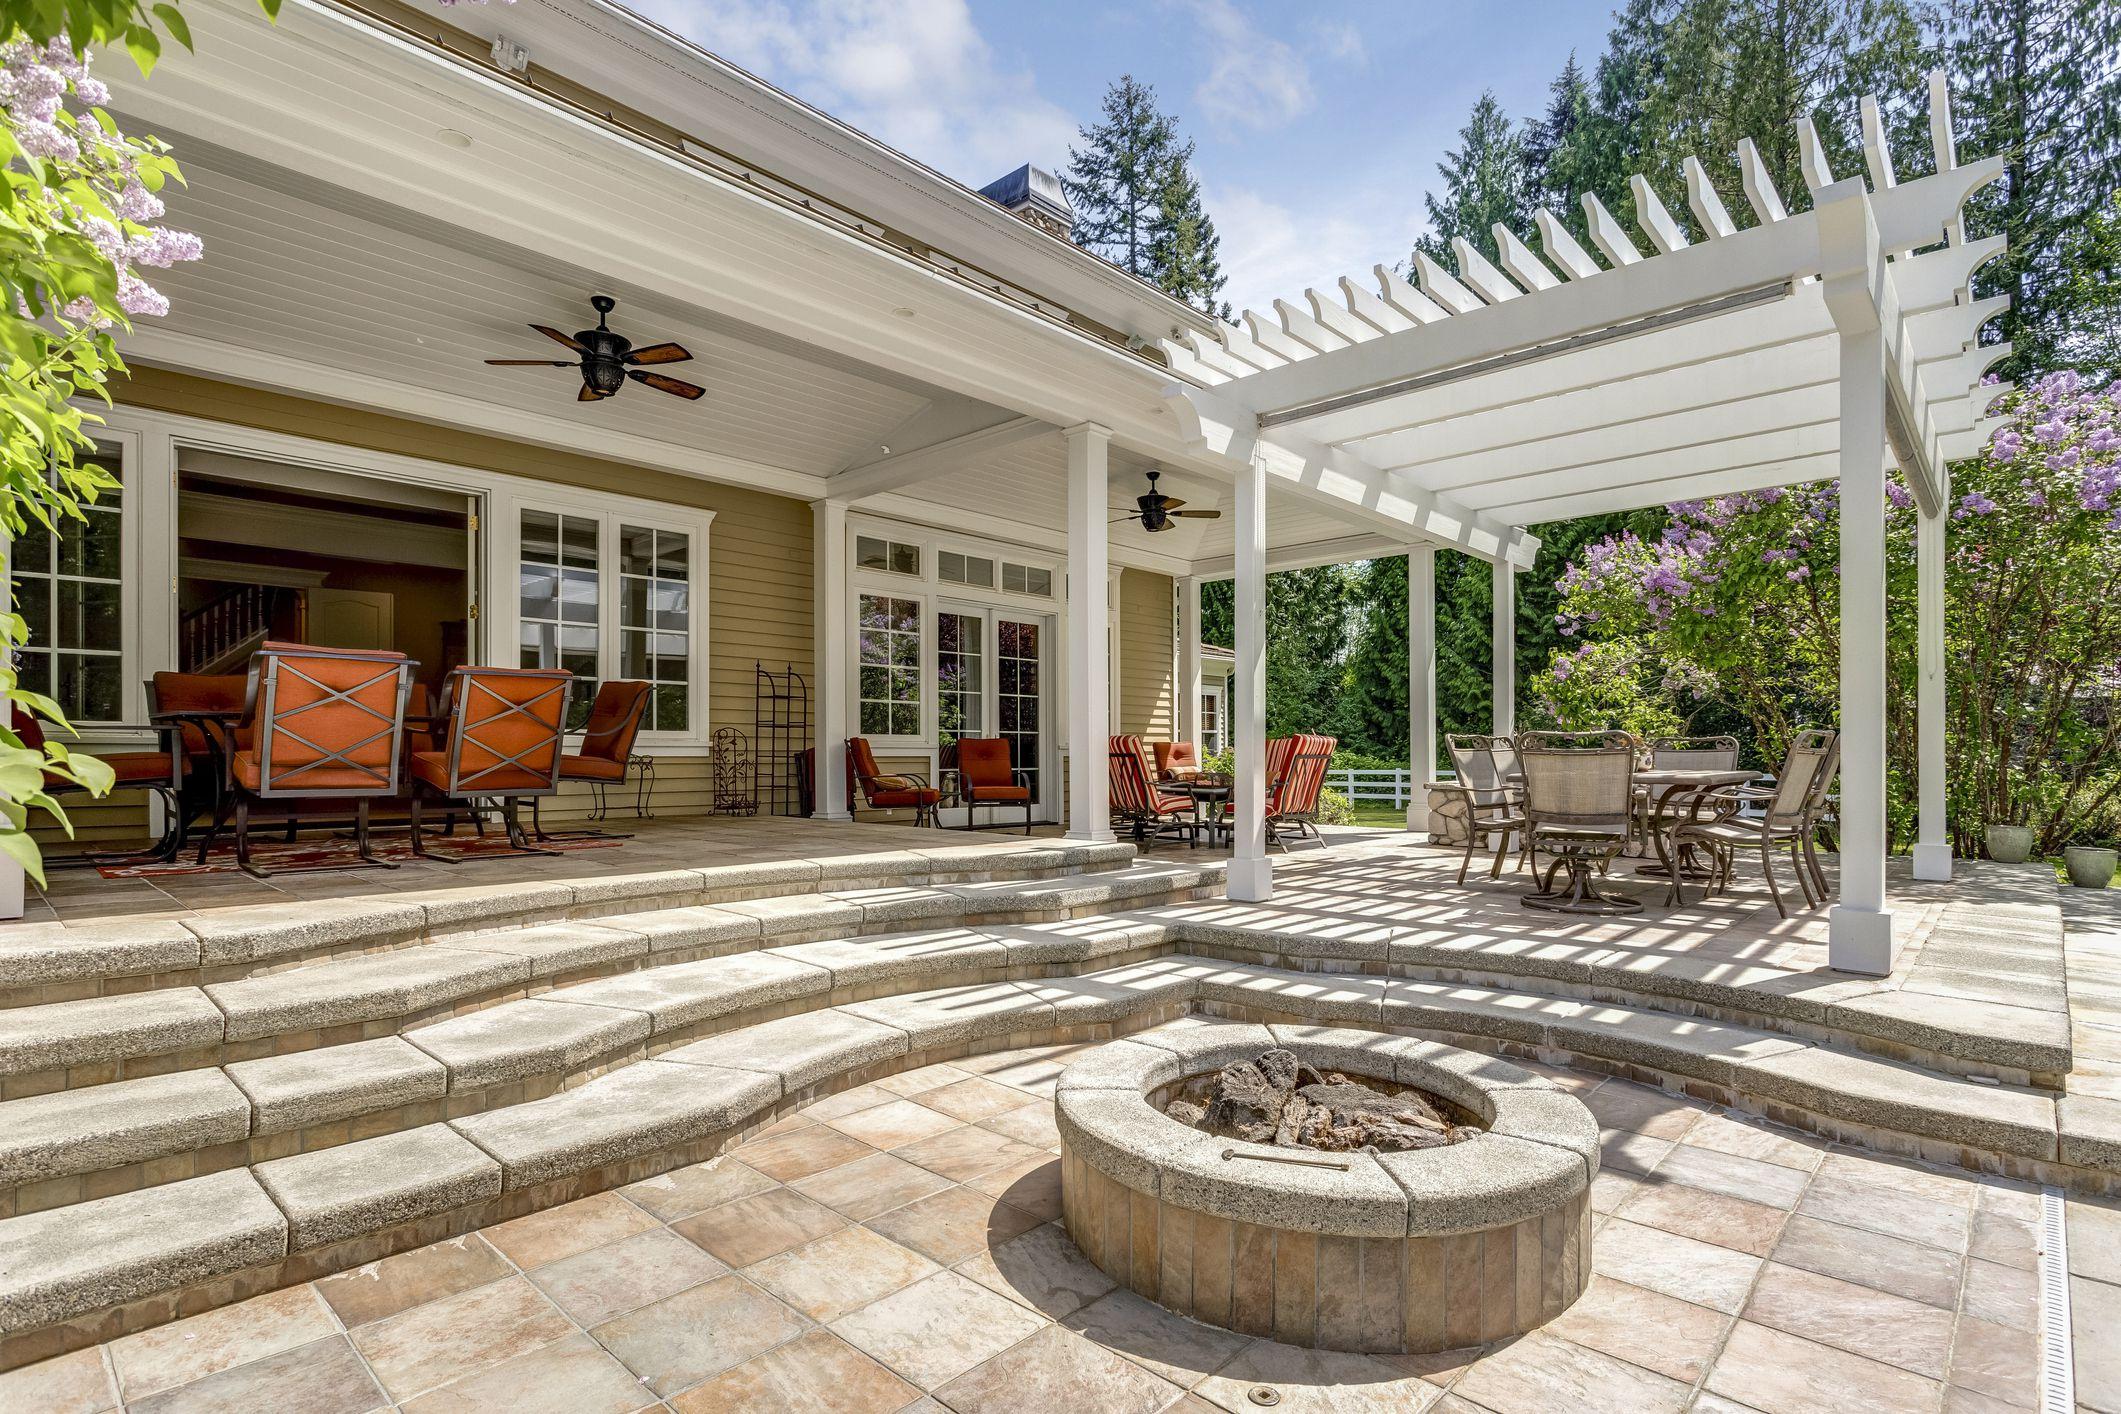 Encantador espacio de patio al aire libre con comedor blanco pérgola